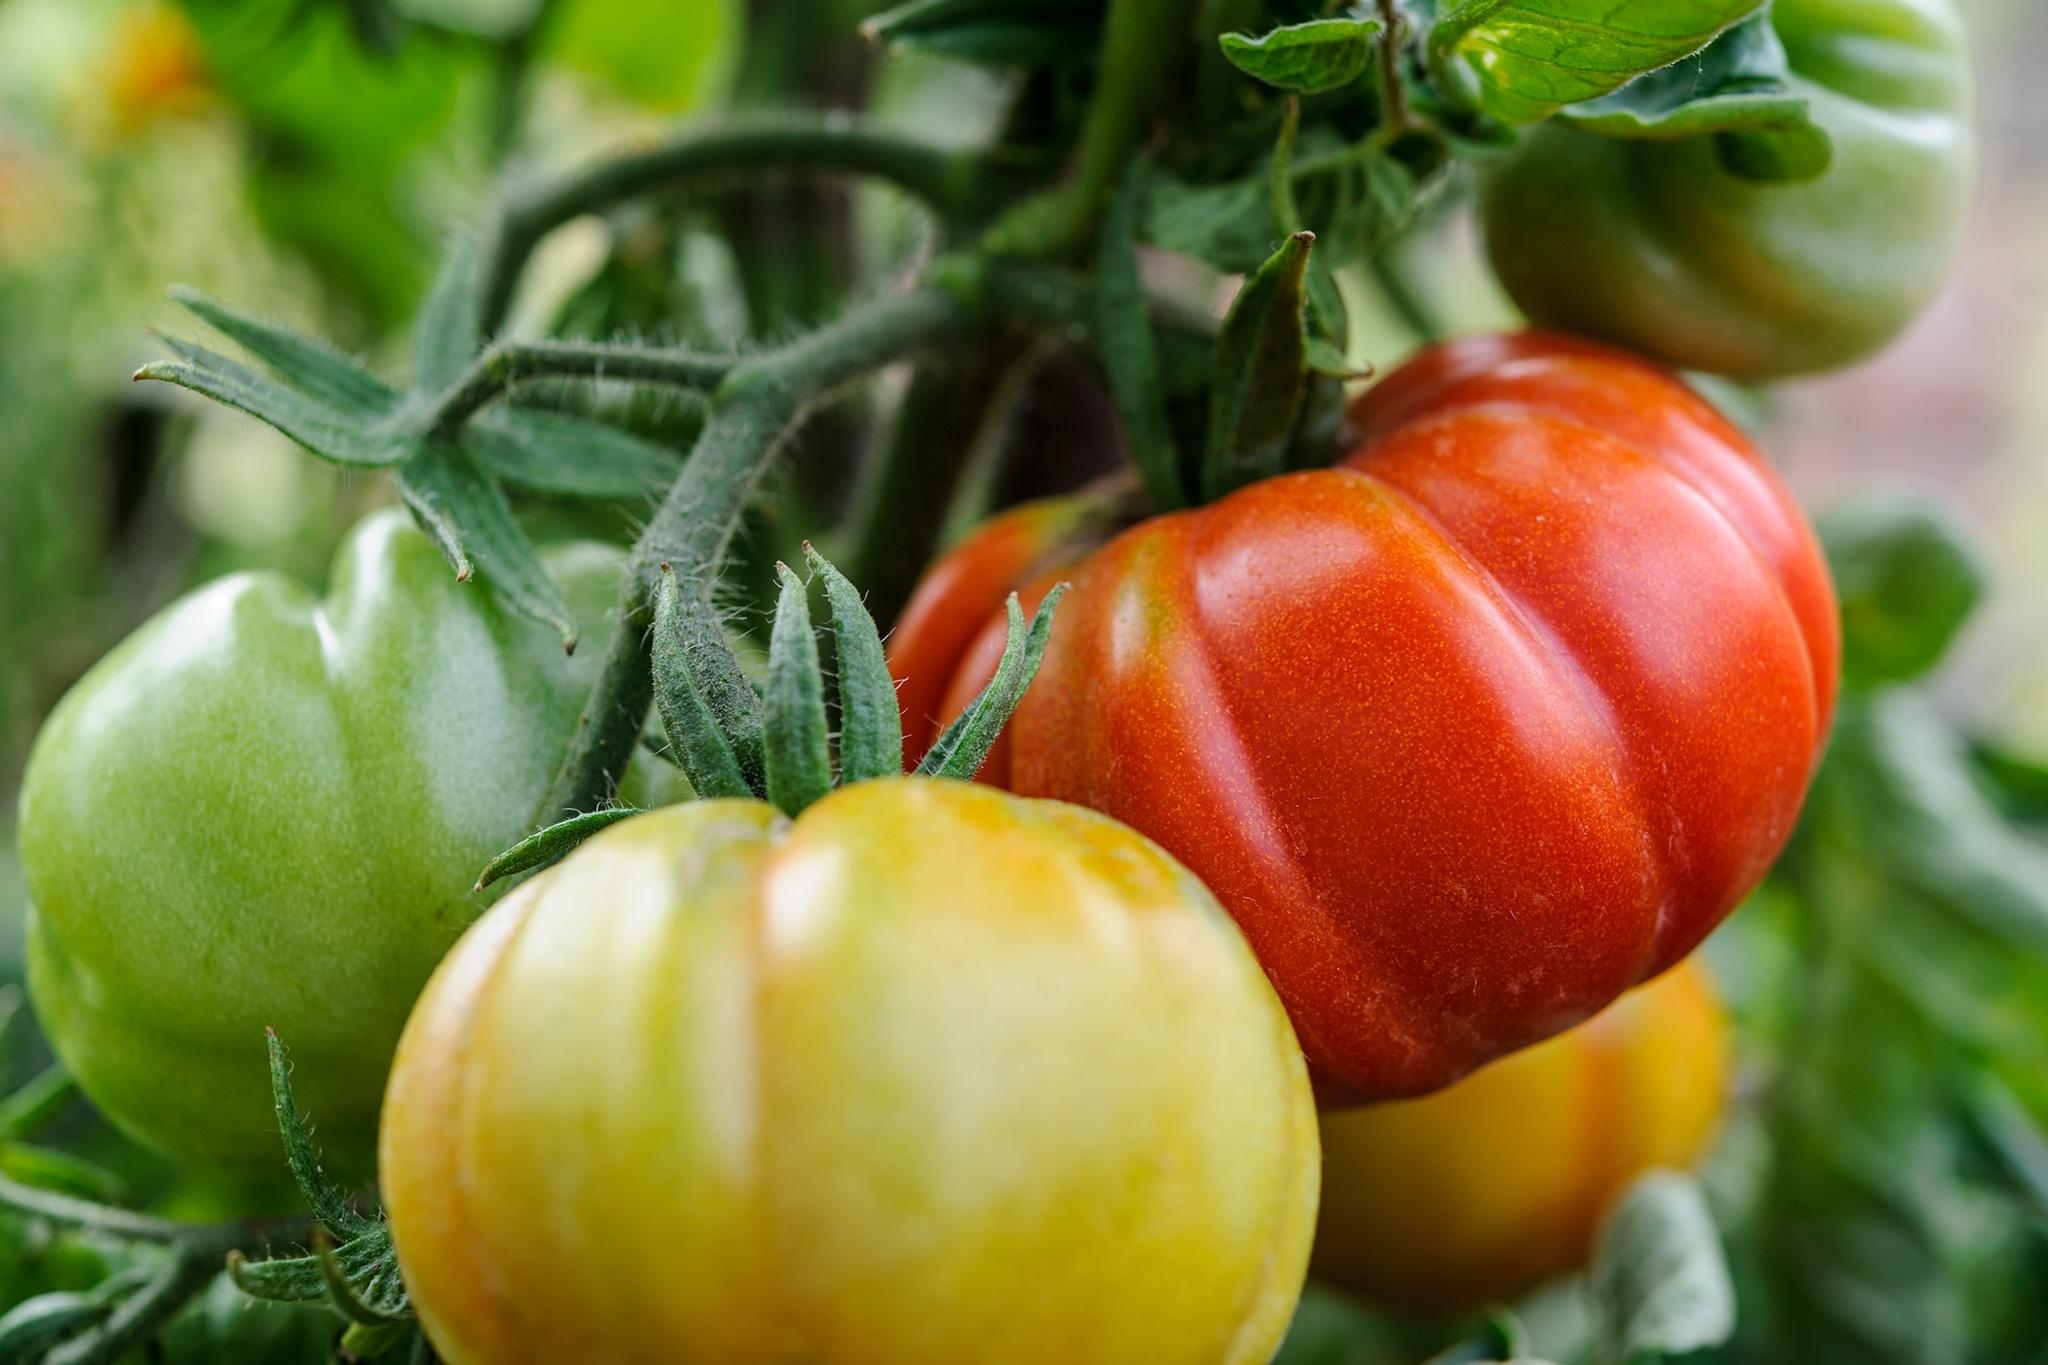 Coltivare pomodori coltivazione ortaggi for Cimatura pomodori